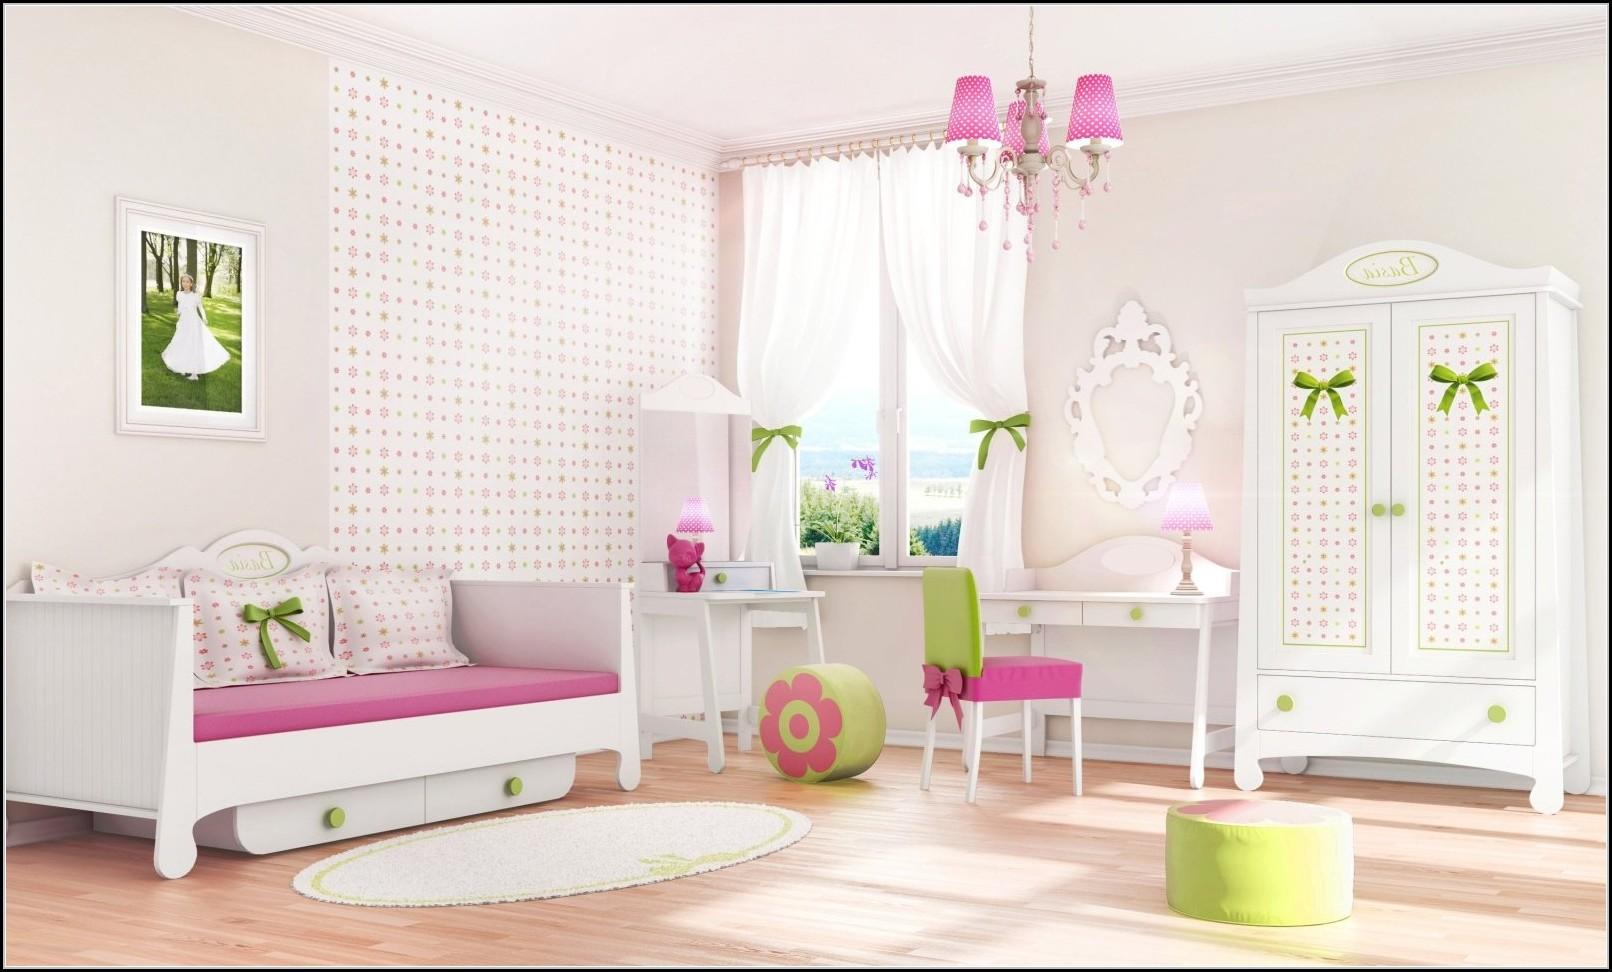 kinderzimmer komplett set kinderzimme house und dekor galerie qx1a6l5rk0. Black Bedroom Furniture Sets. Home Design Ideas